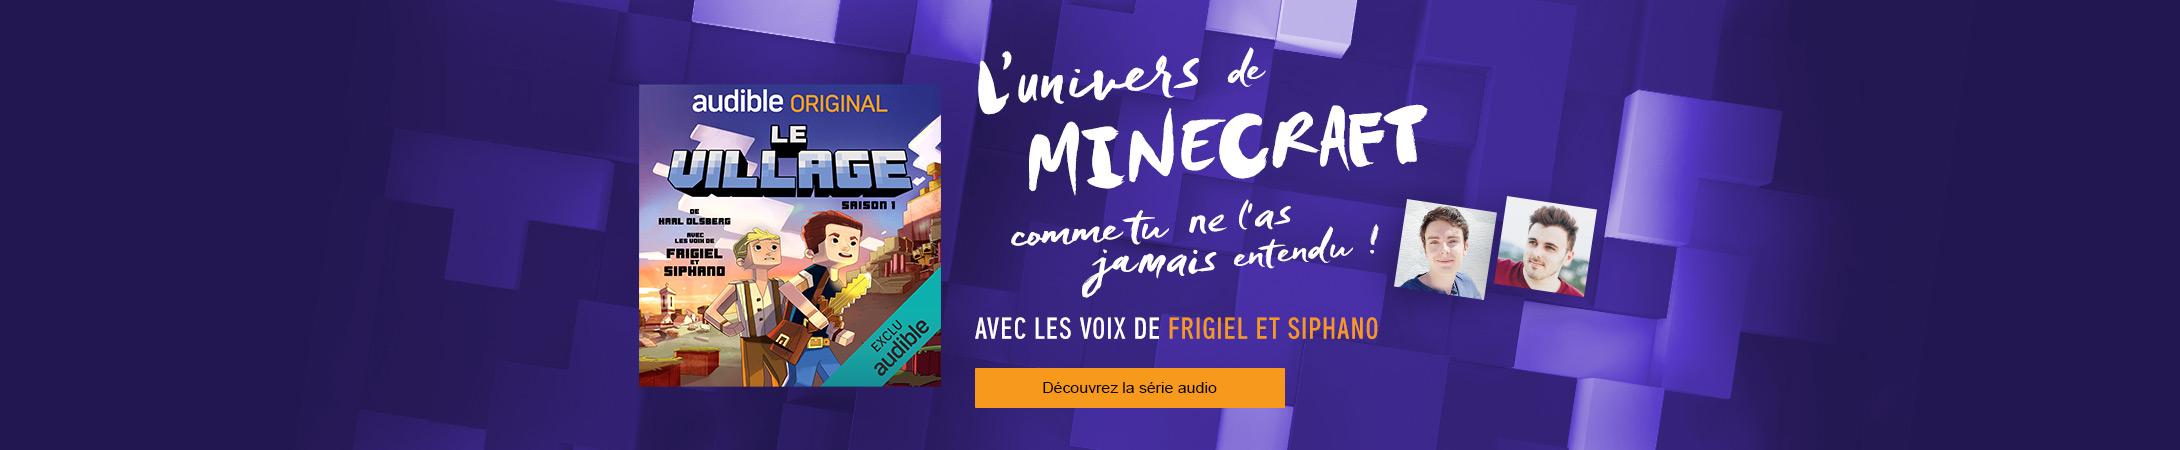 Le village - Série complète.